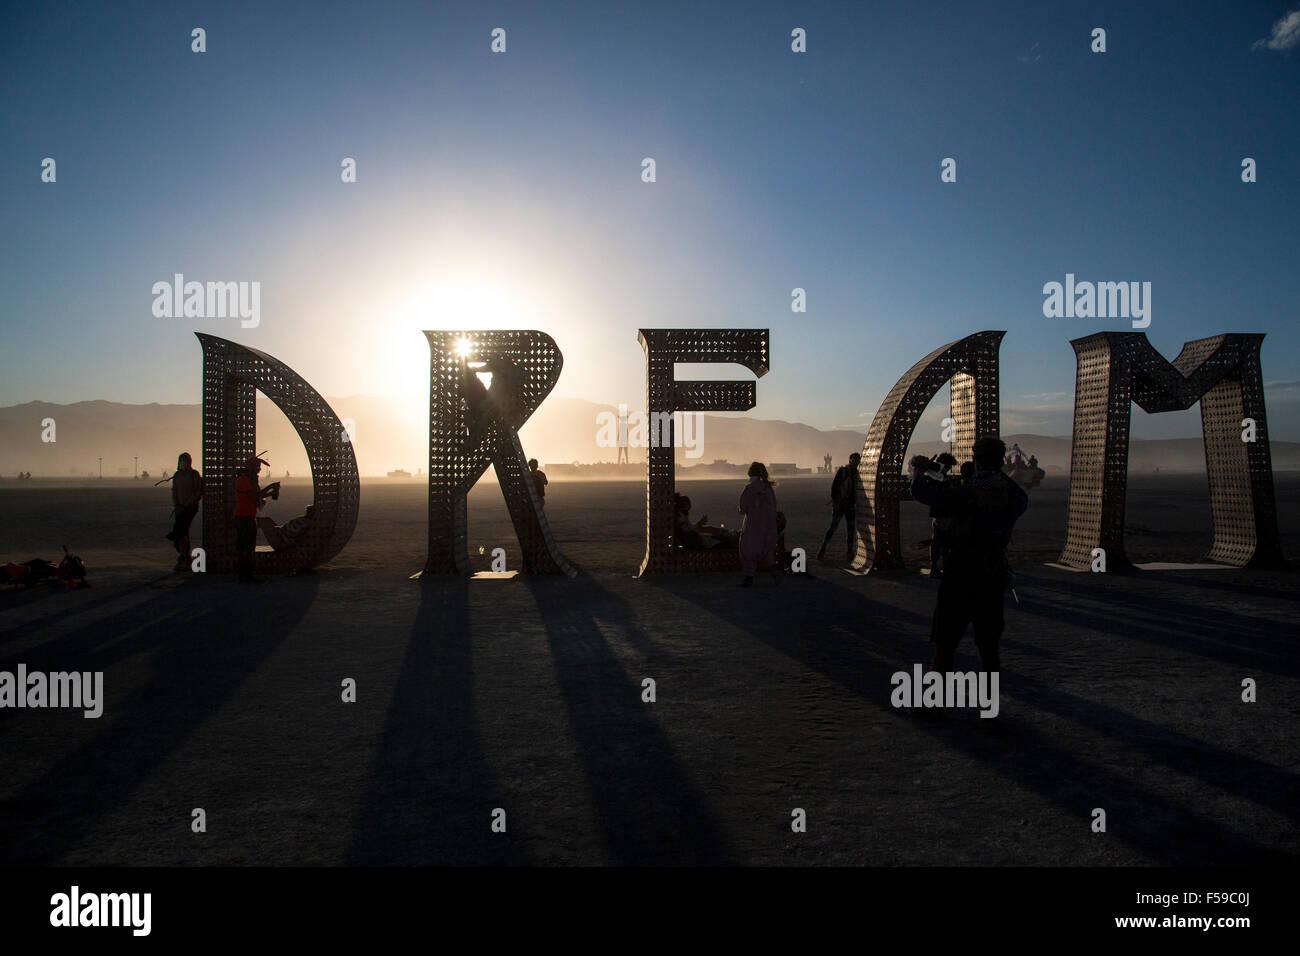 Sogno arte di installazione nel deserto durante l annuale Burning Man festival Settembre 1, 2015 in Black Rock City, Immagini Stock